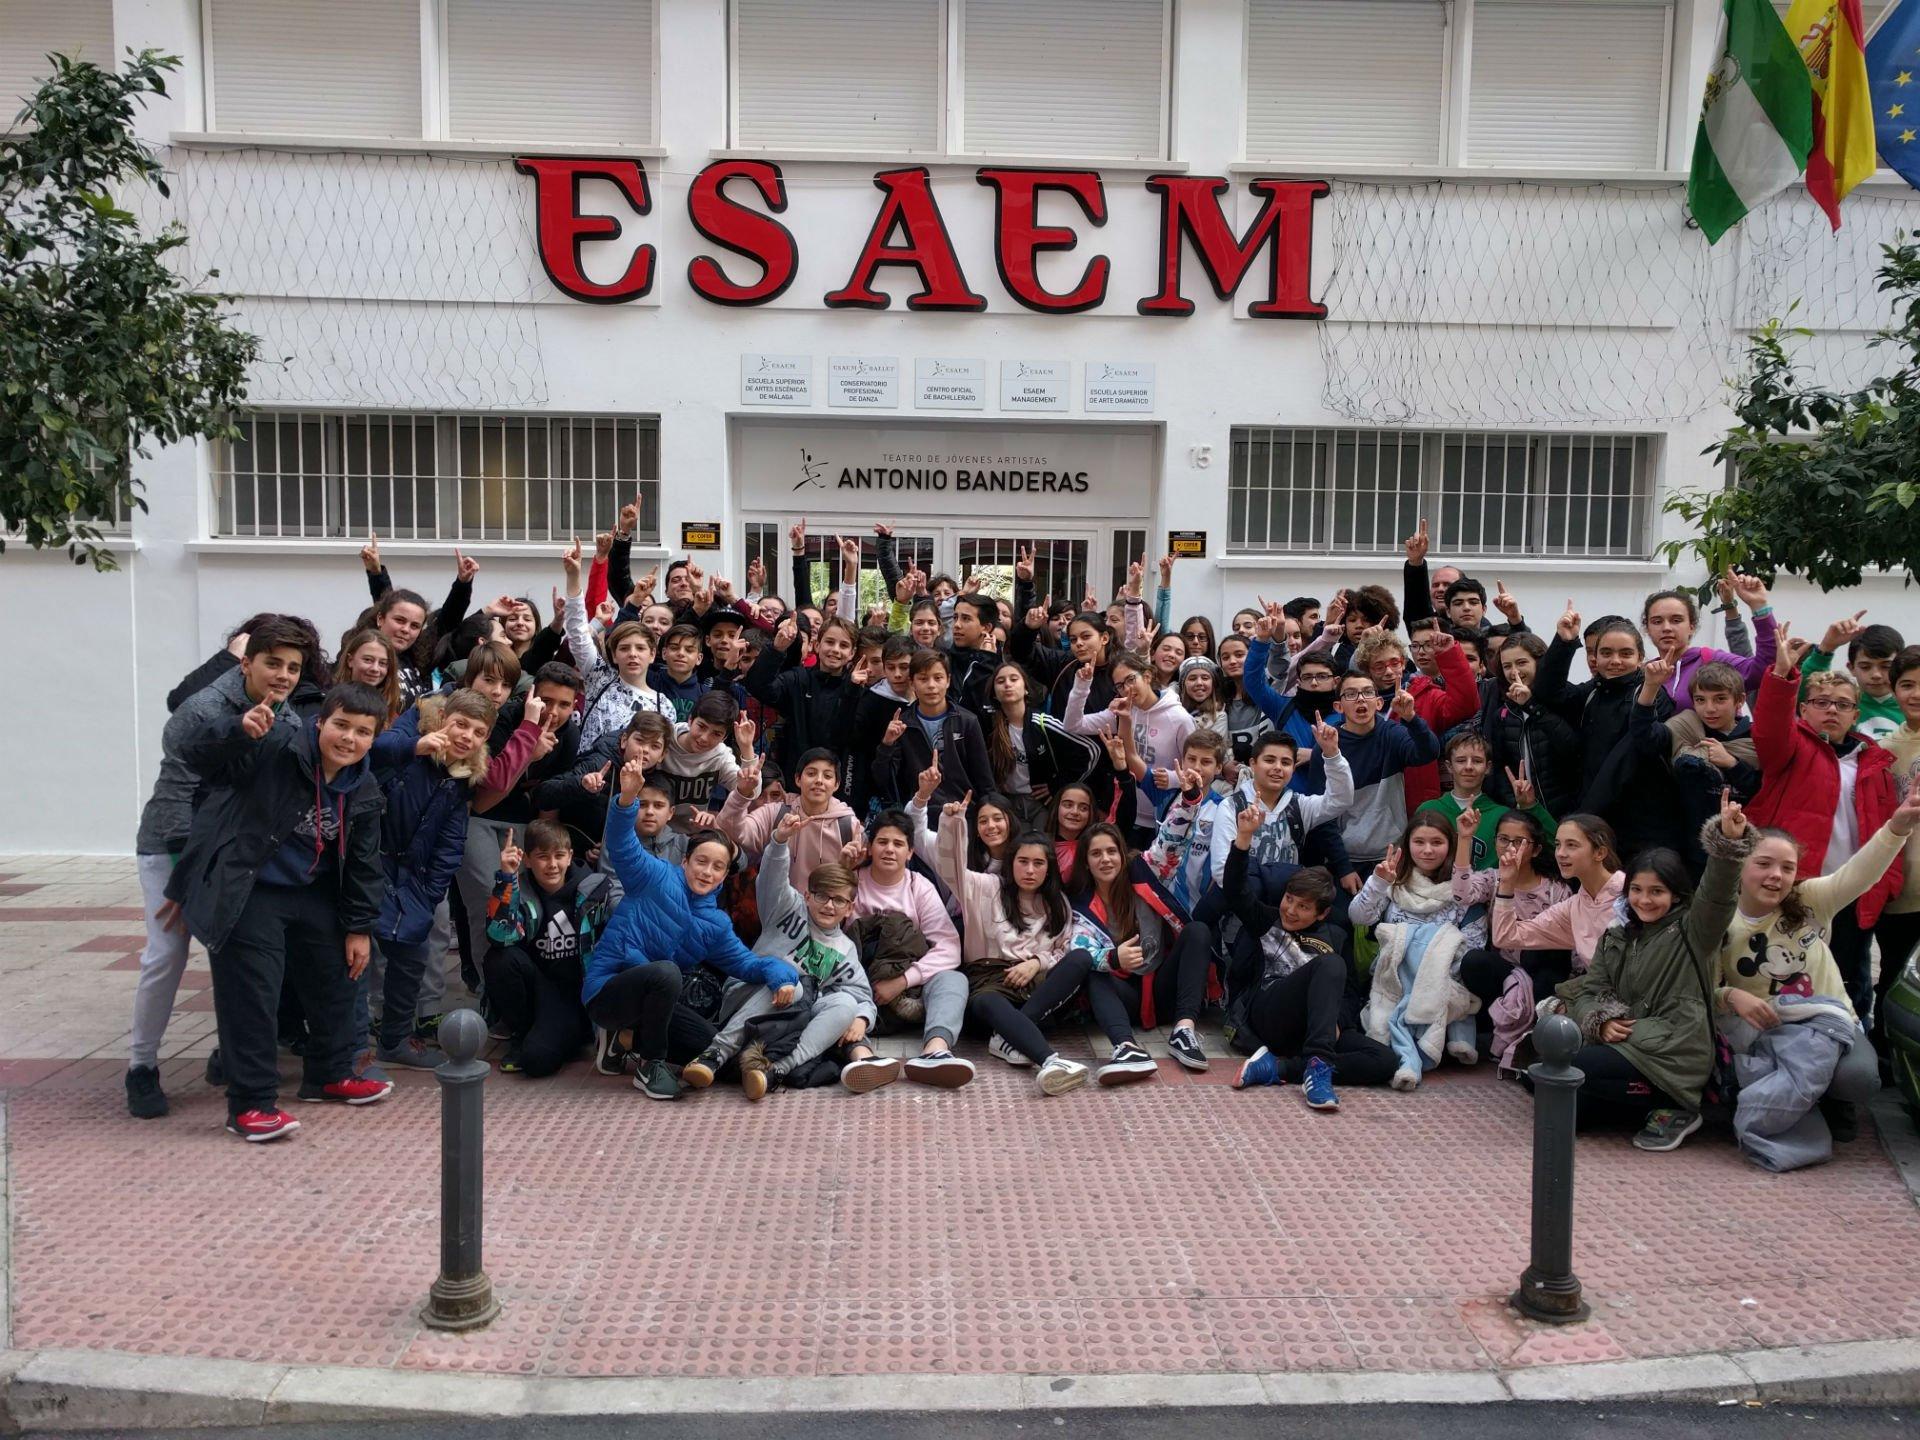 Colegio Los olivos en ESAEM